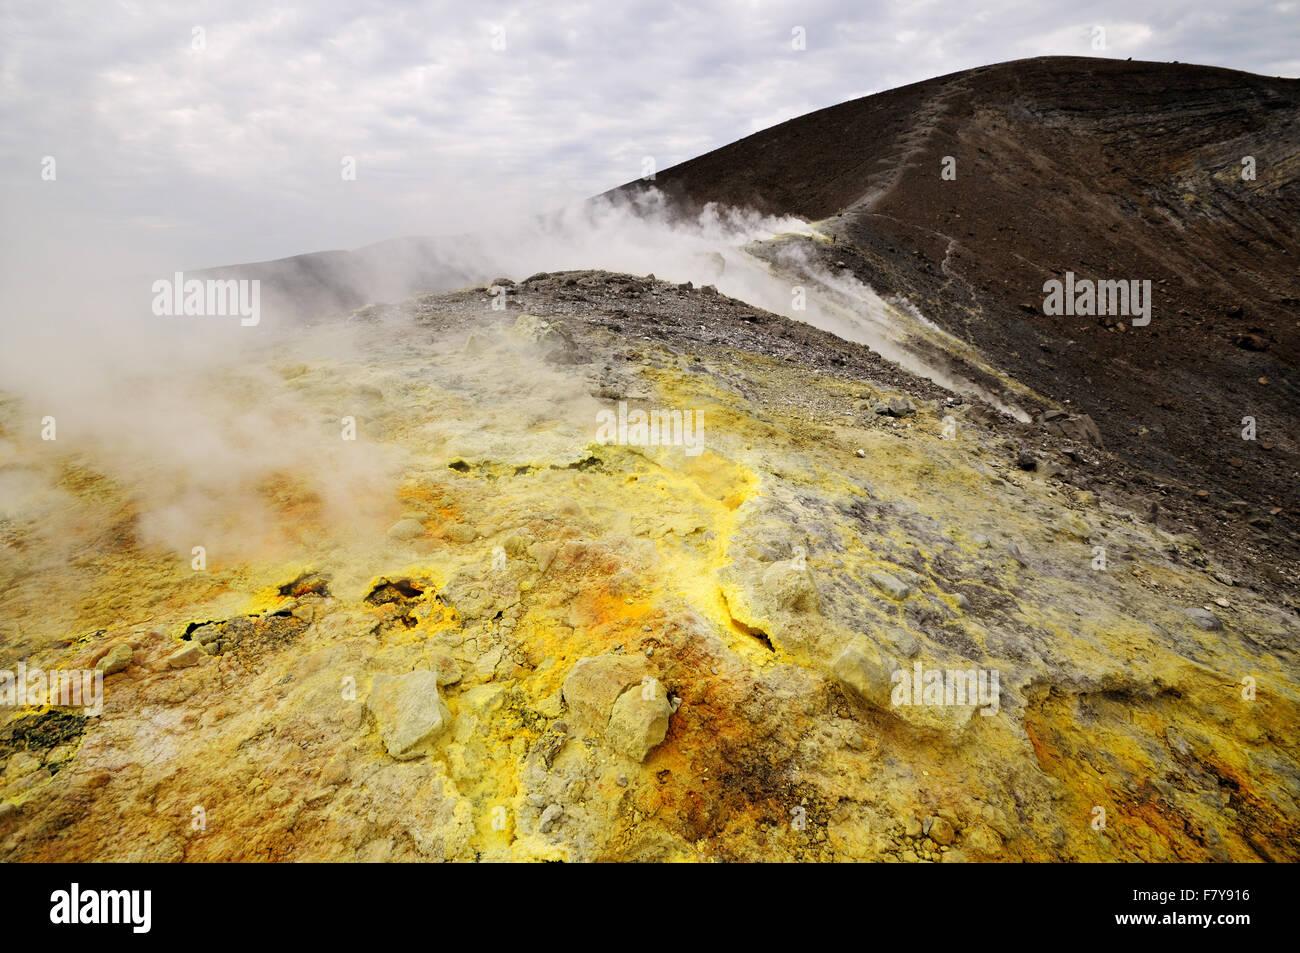 Fumarolen und Schwefel in der aktiven Krater (Gran Cratere) von Vulcano, Äolischen Inseln, Sizilien, Italien Stockbild